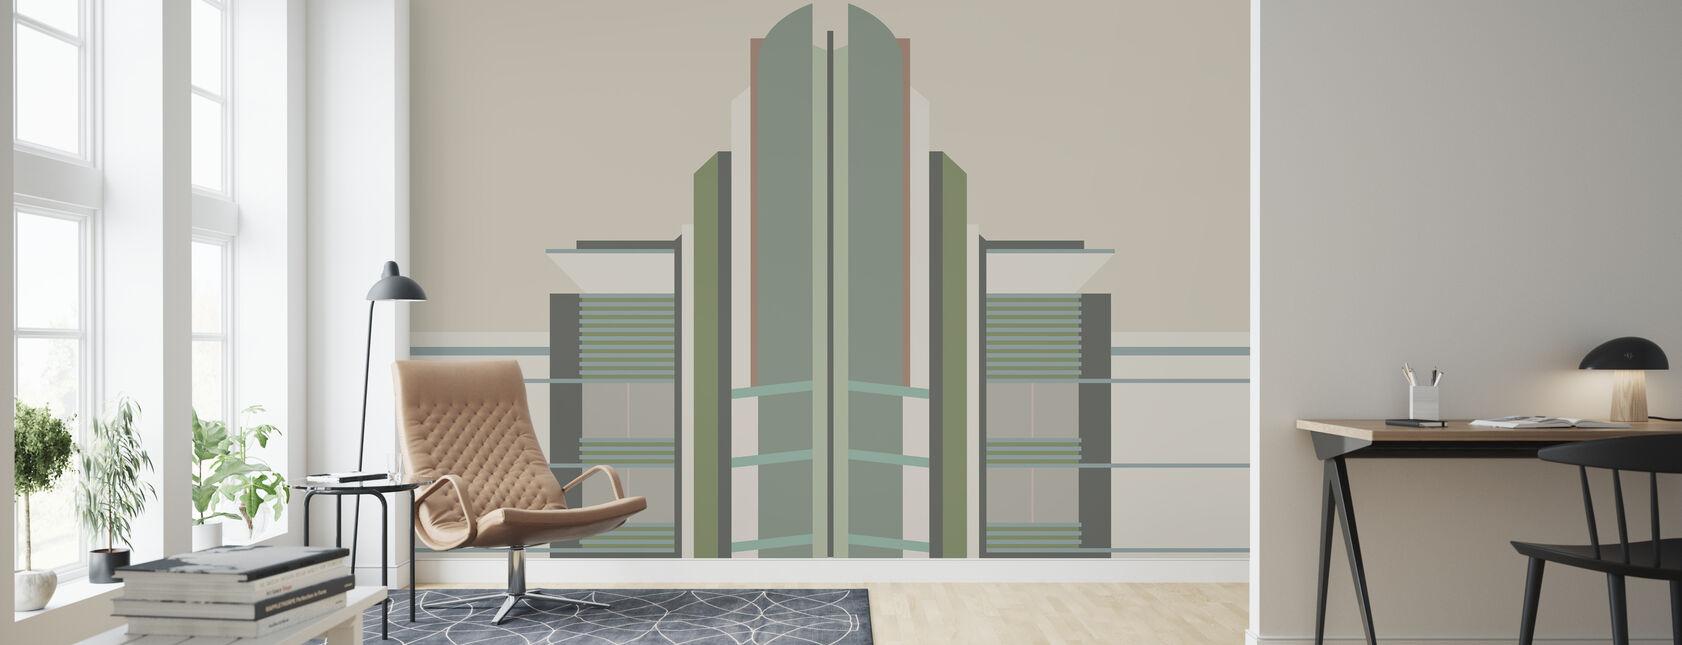 Deco - 01 - Wallpaper - Living Room